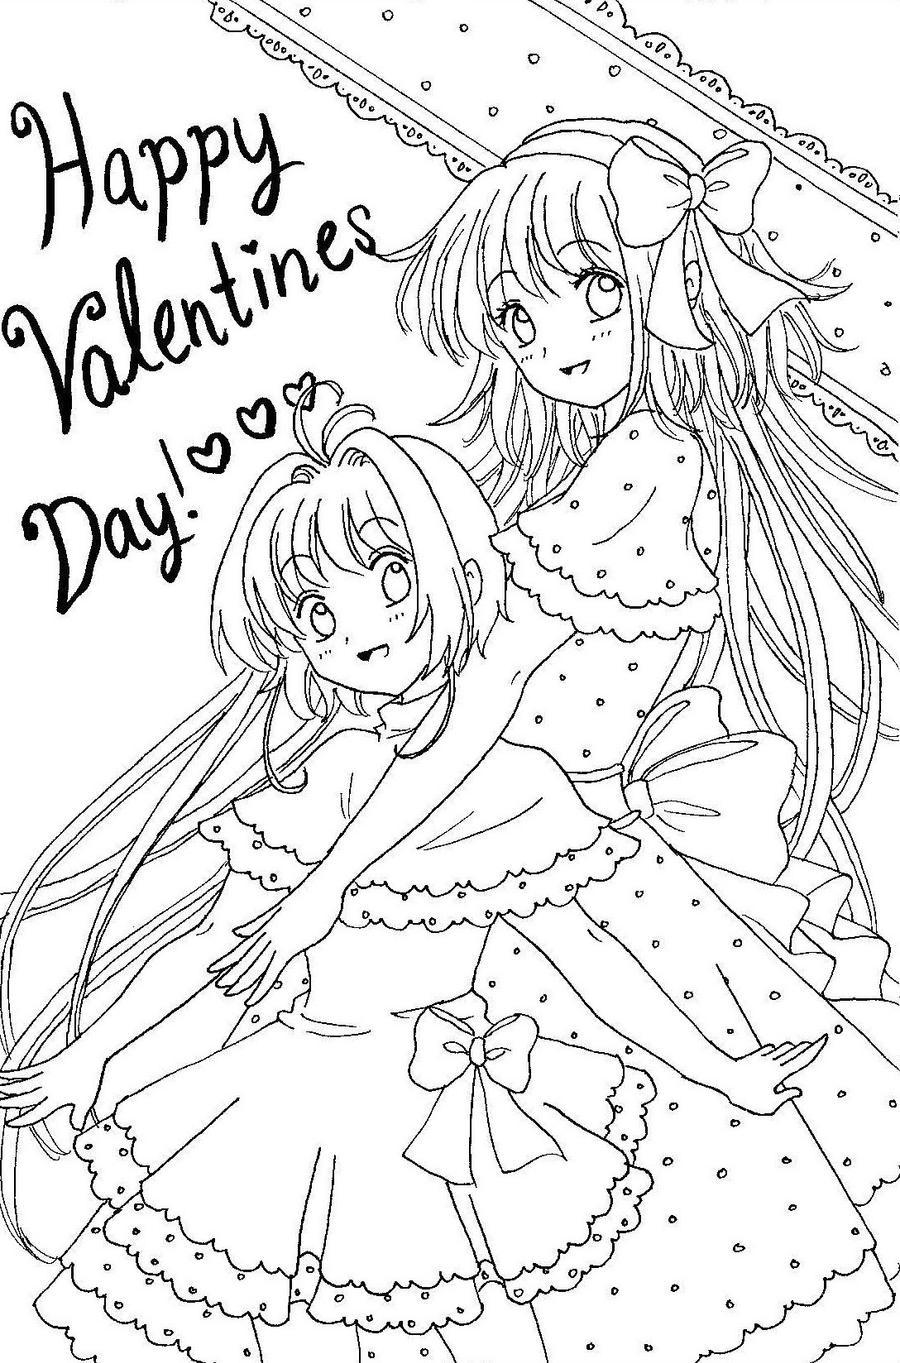 Line Art Valentine : Happy valentine s day line art by munmunchan on deviantart